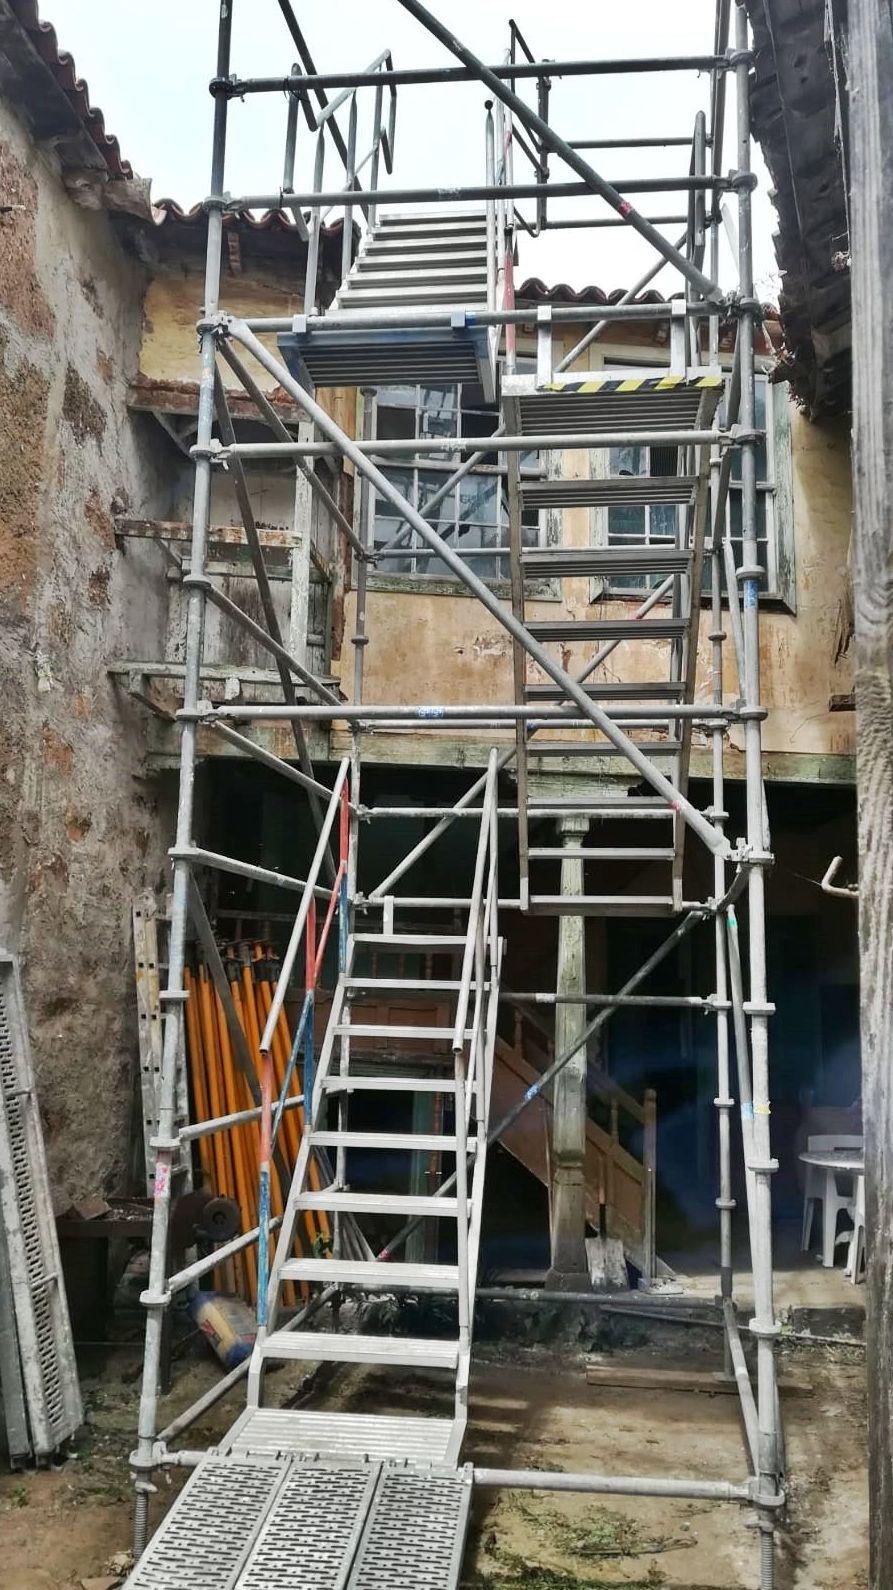 Andamio multidireccional rehabilitación fachada vivienda antigua. La Laguna.